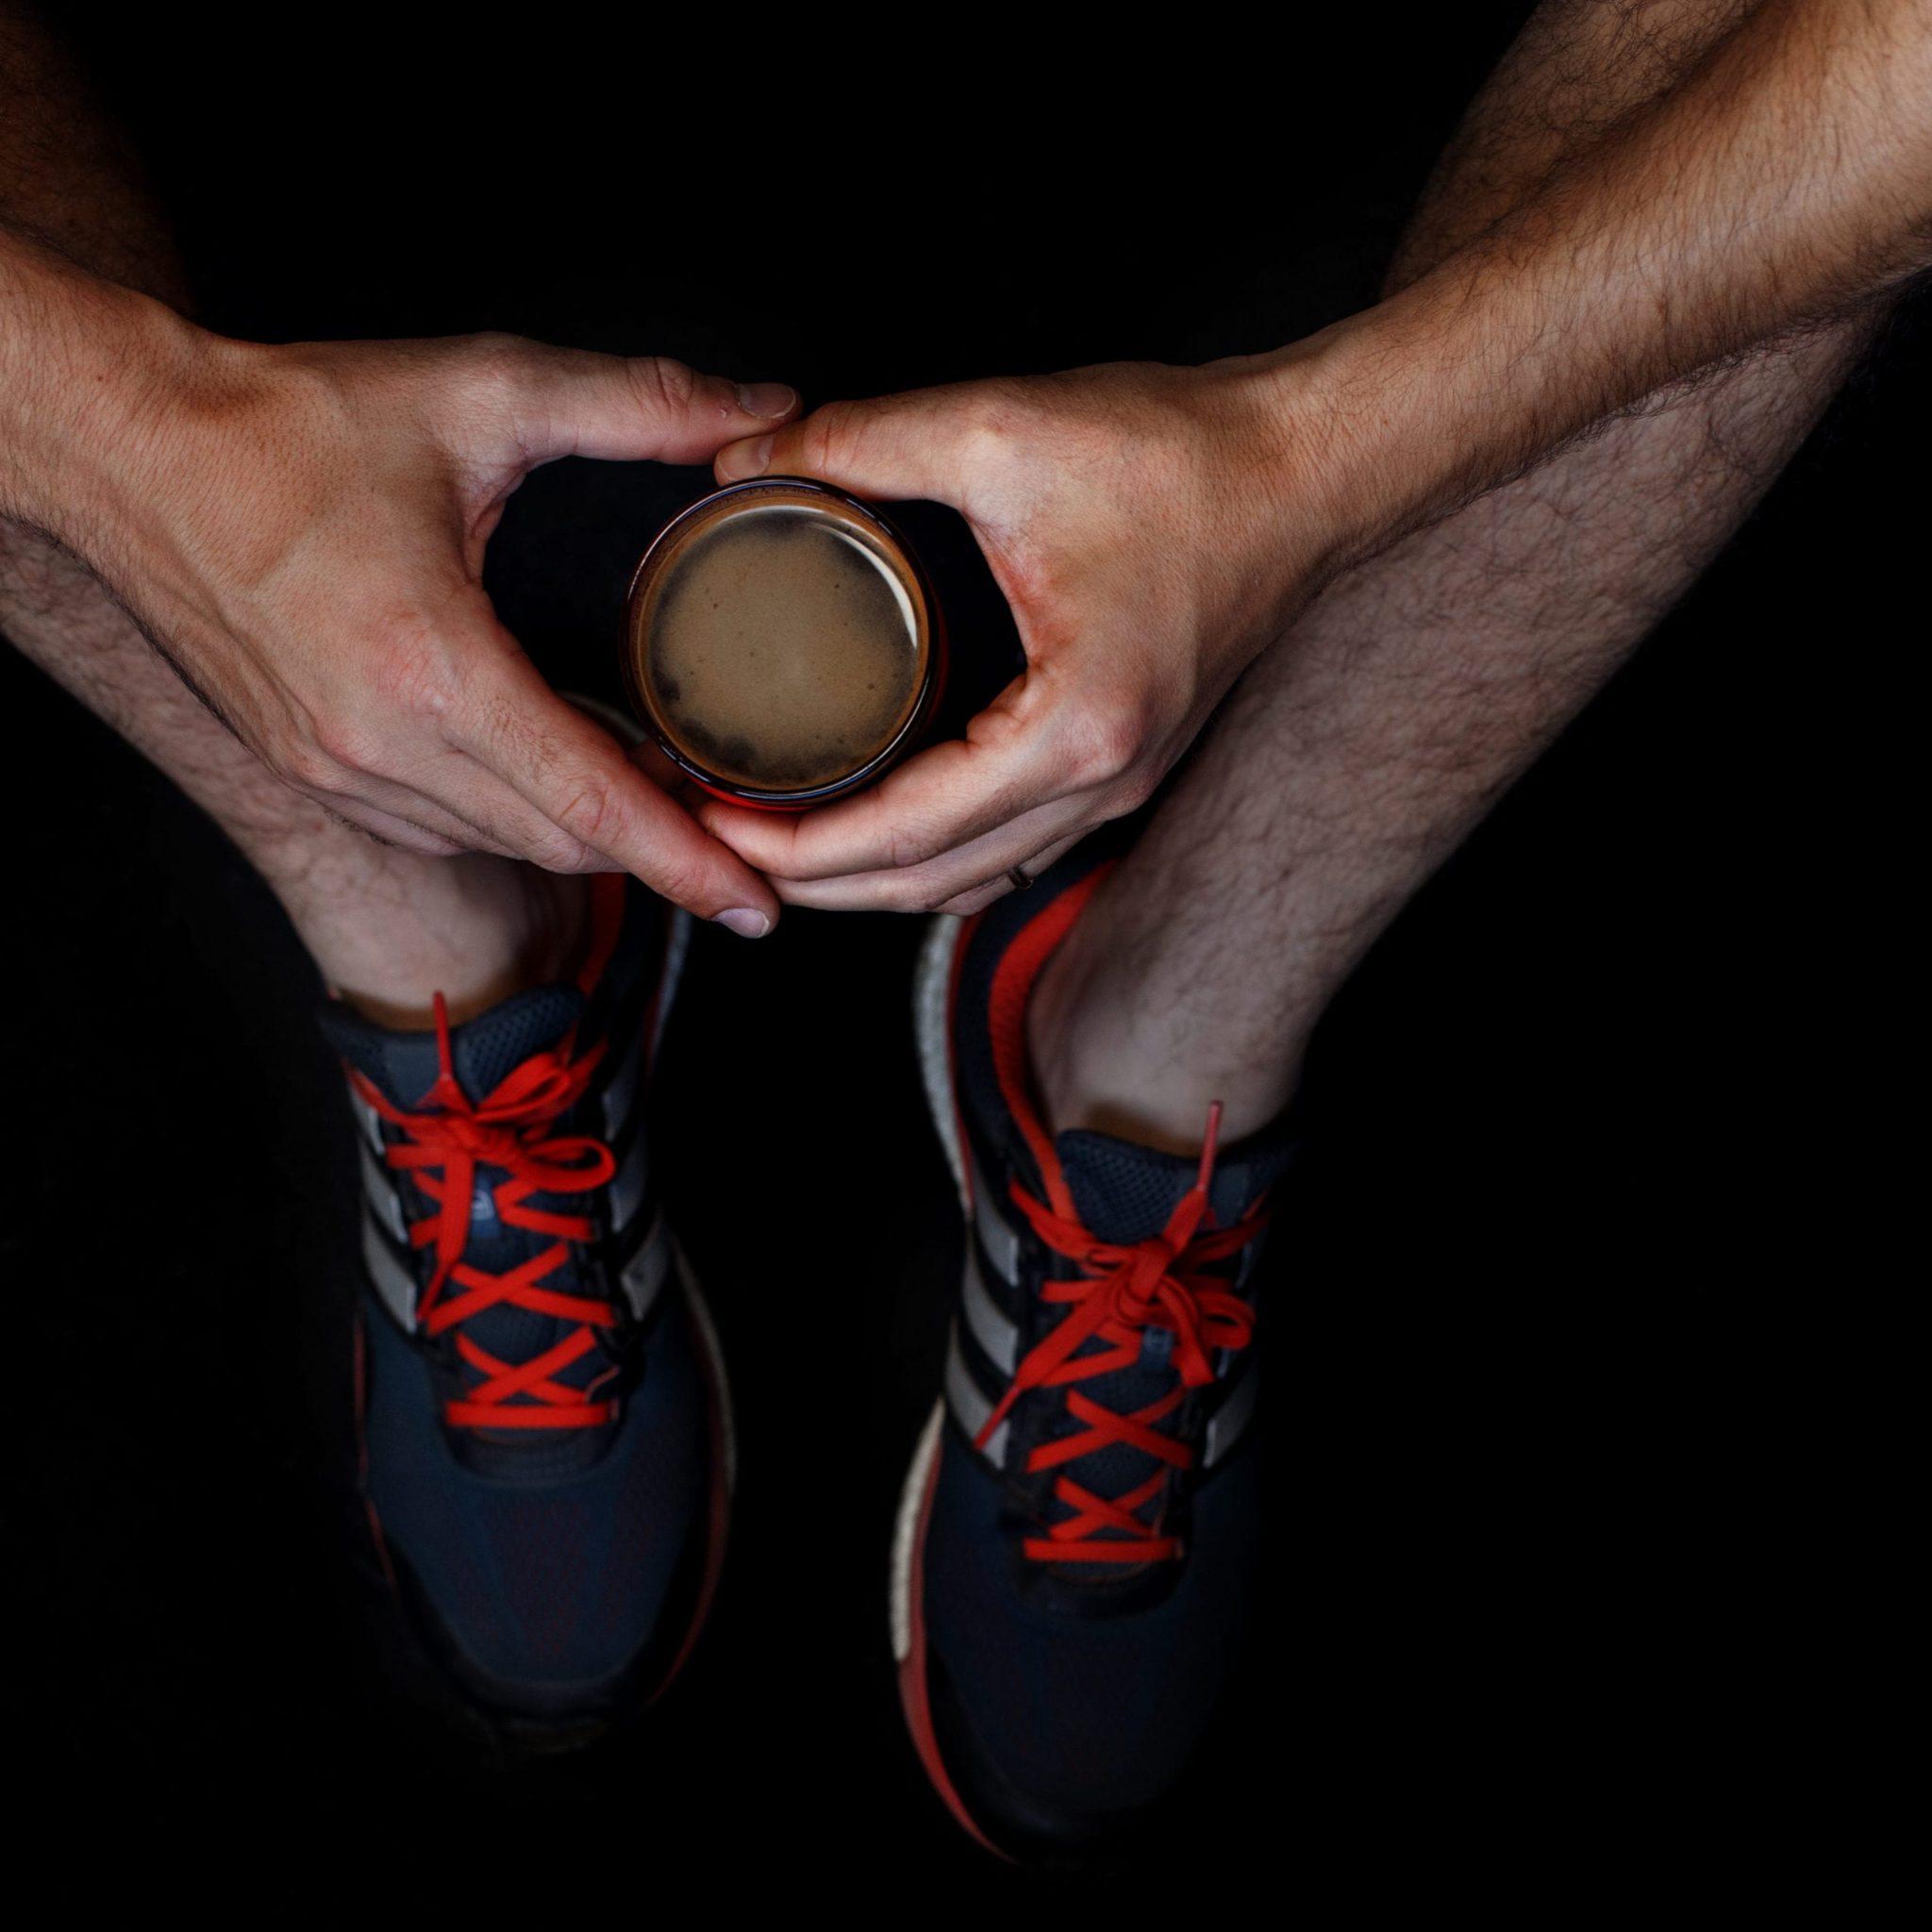 מה הקשר בין קפאין וספורט